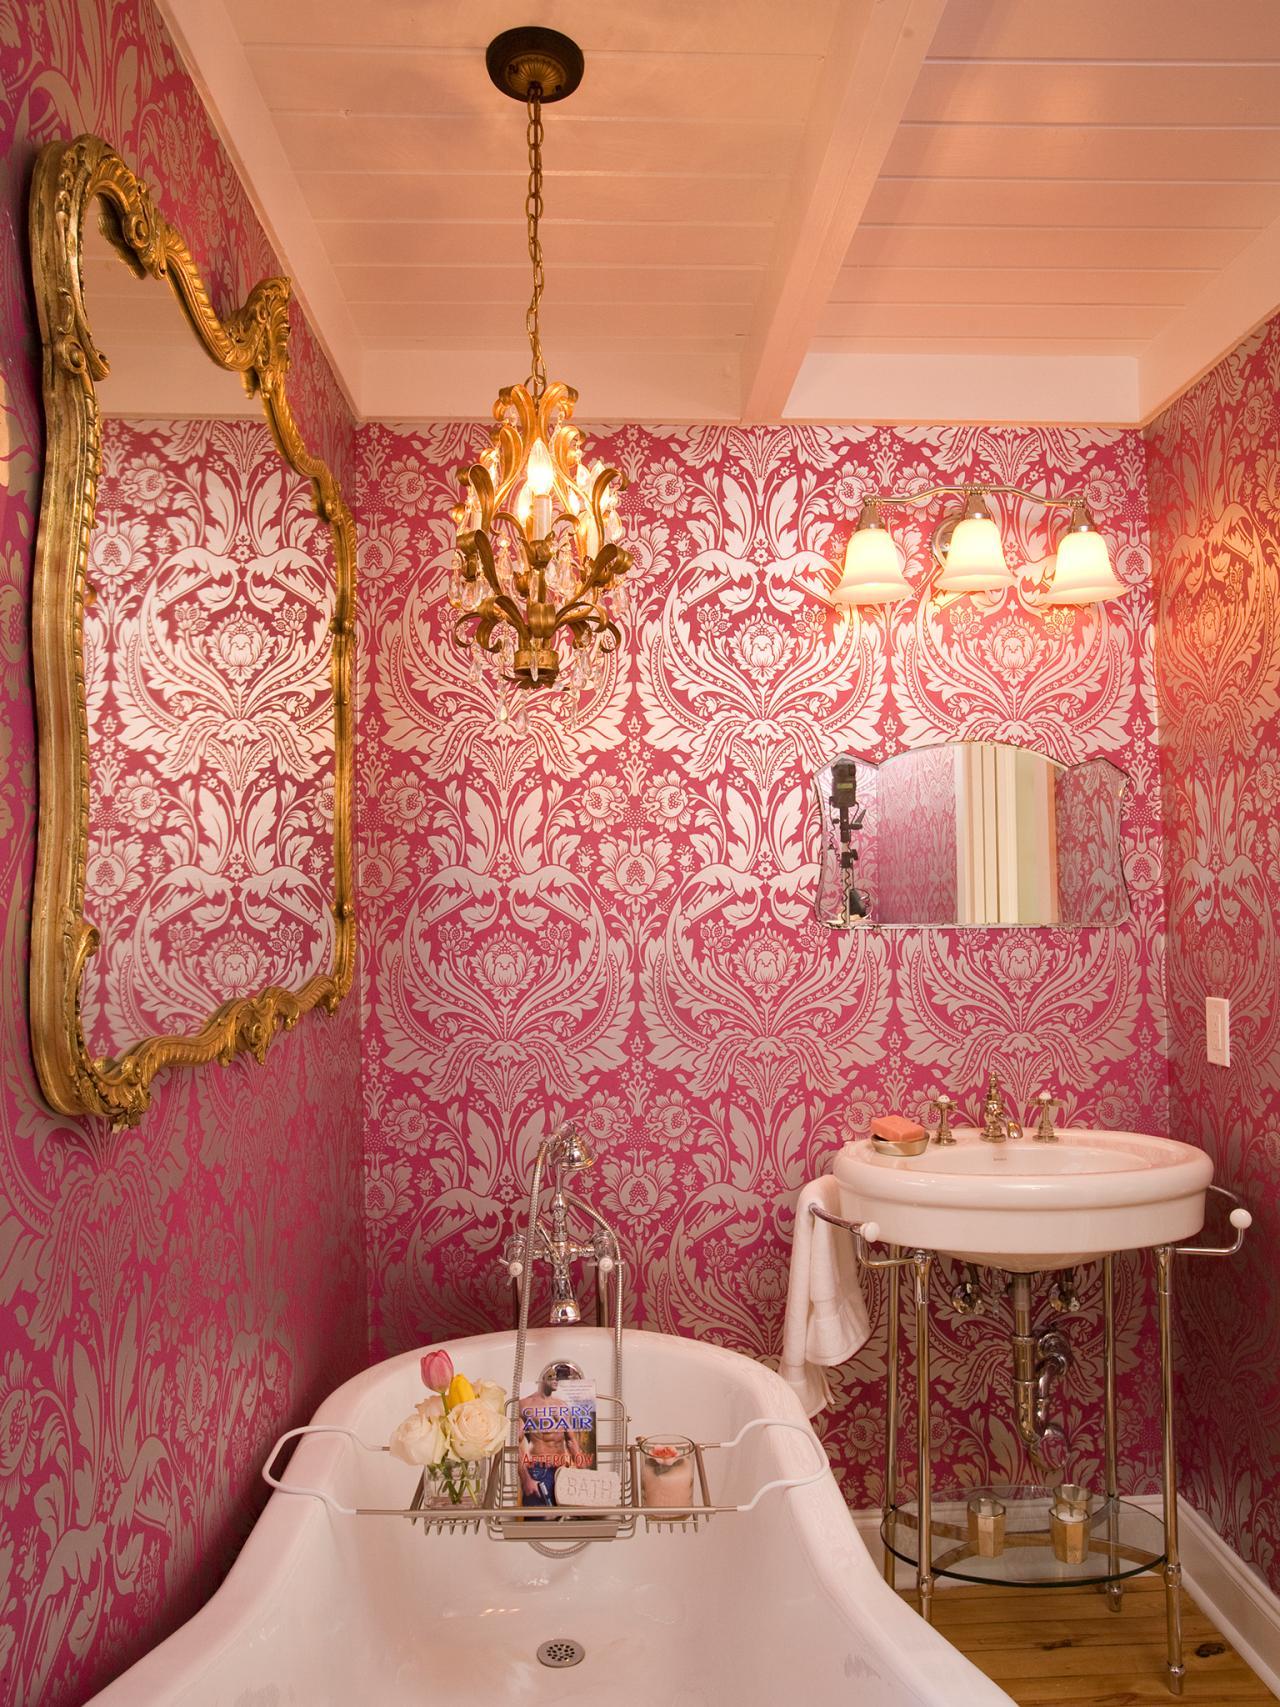 Vintage Glory Bathroom Idea